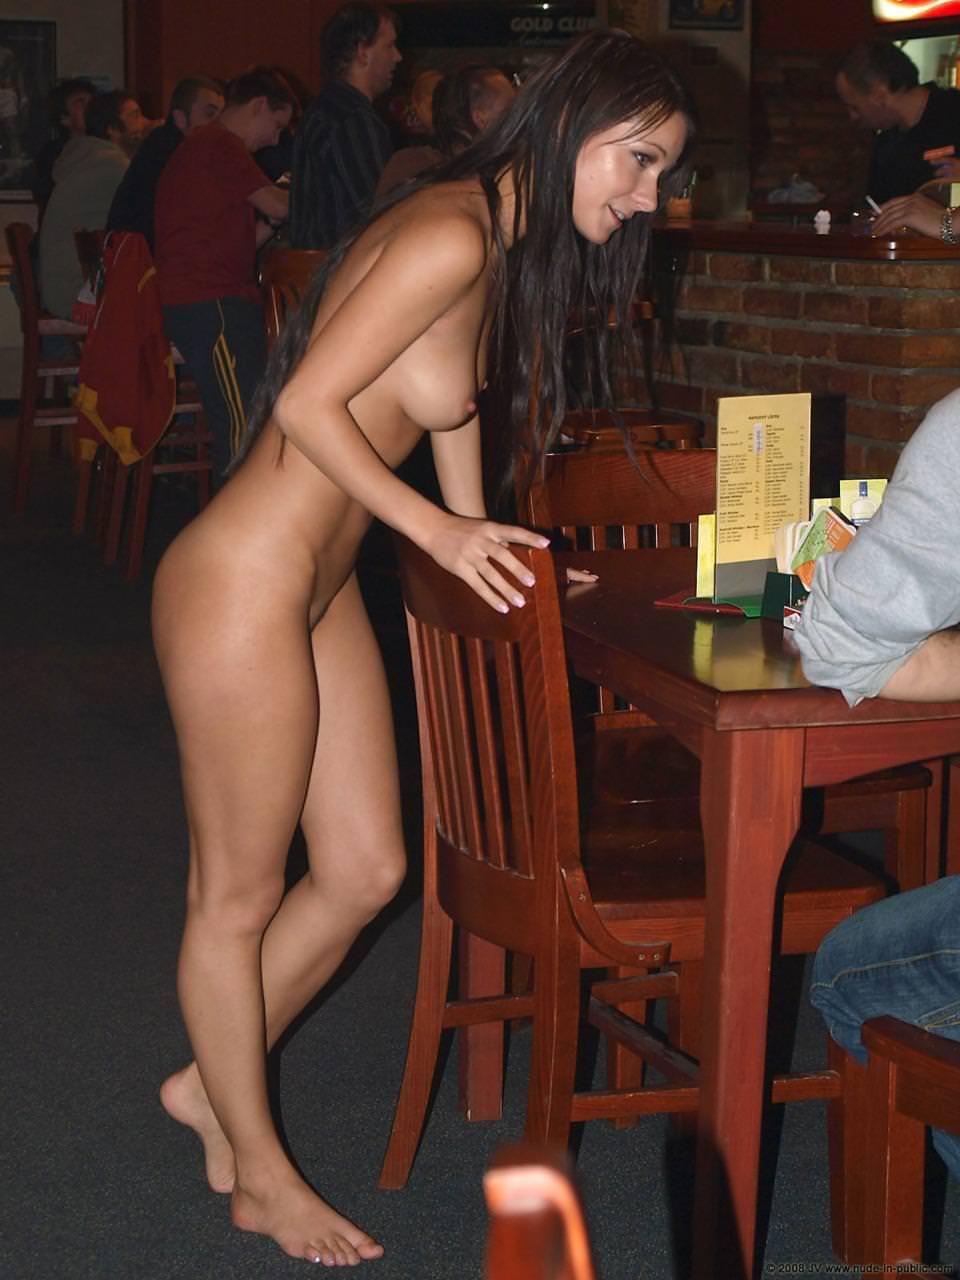 野外露出する外国人美女 25